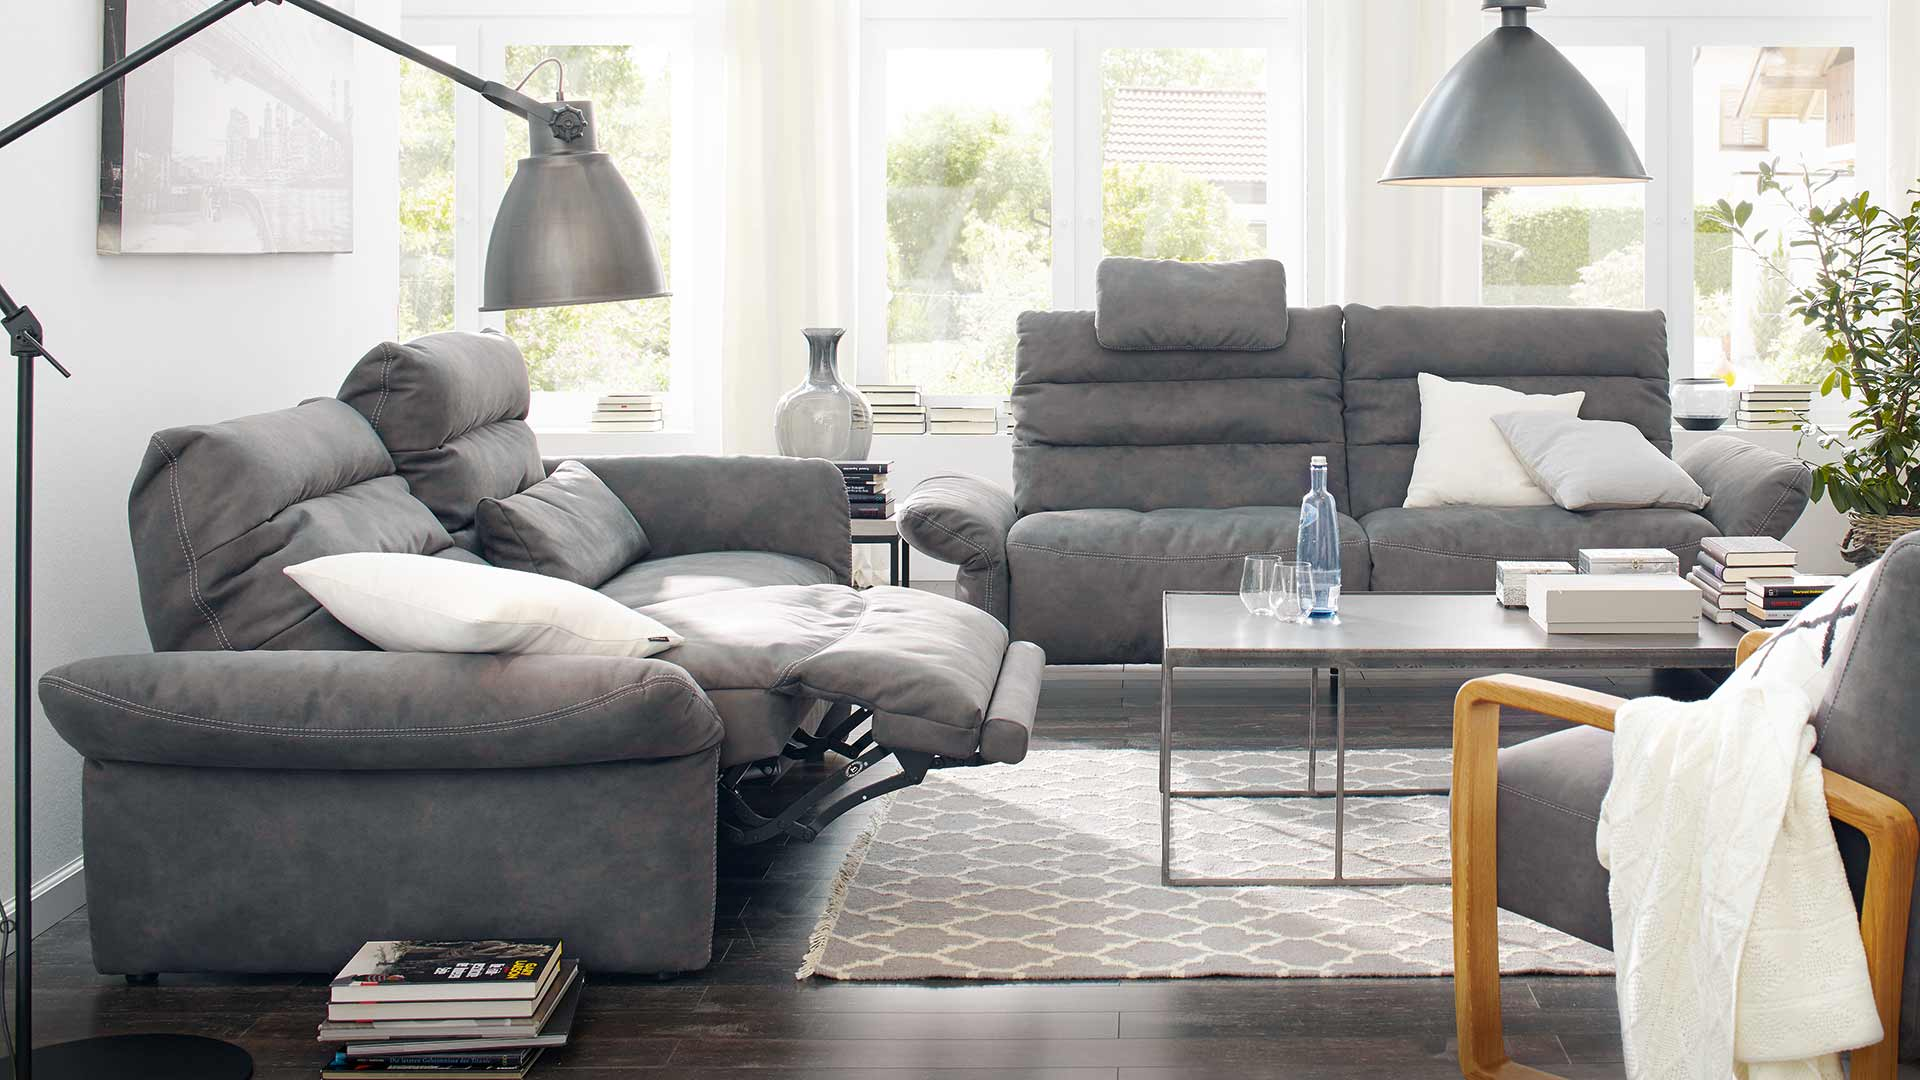 natura montgomery von natura einrichten in garbsen nahe hannover m bel hesse bestechende. Black Bedroom Furniture Sets. Home Design Ideas